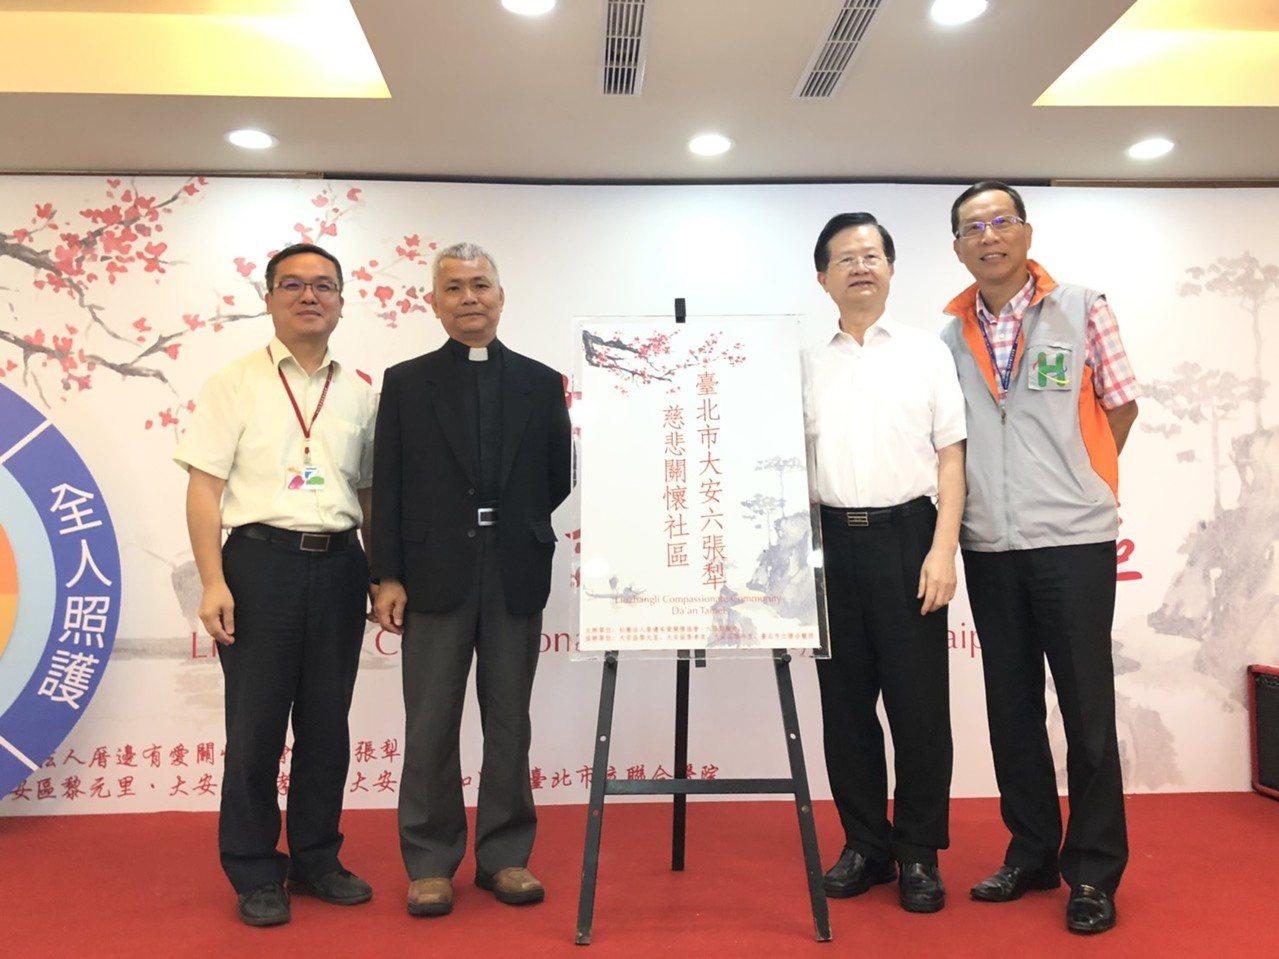 台北市衛生局長黃世傑(右二)表示,聯合醫院仁愛院區關心社區周遭的里民,建立「關懷...